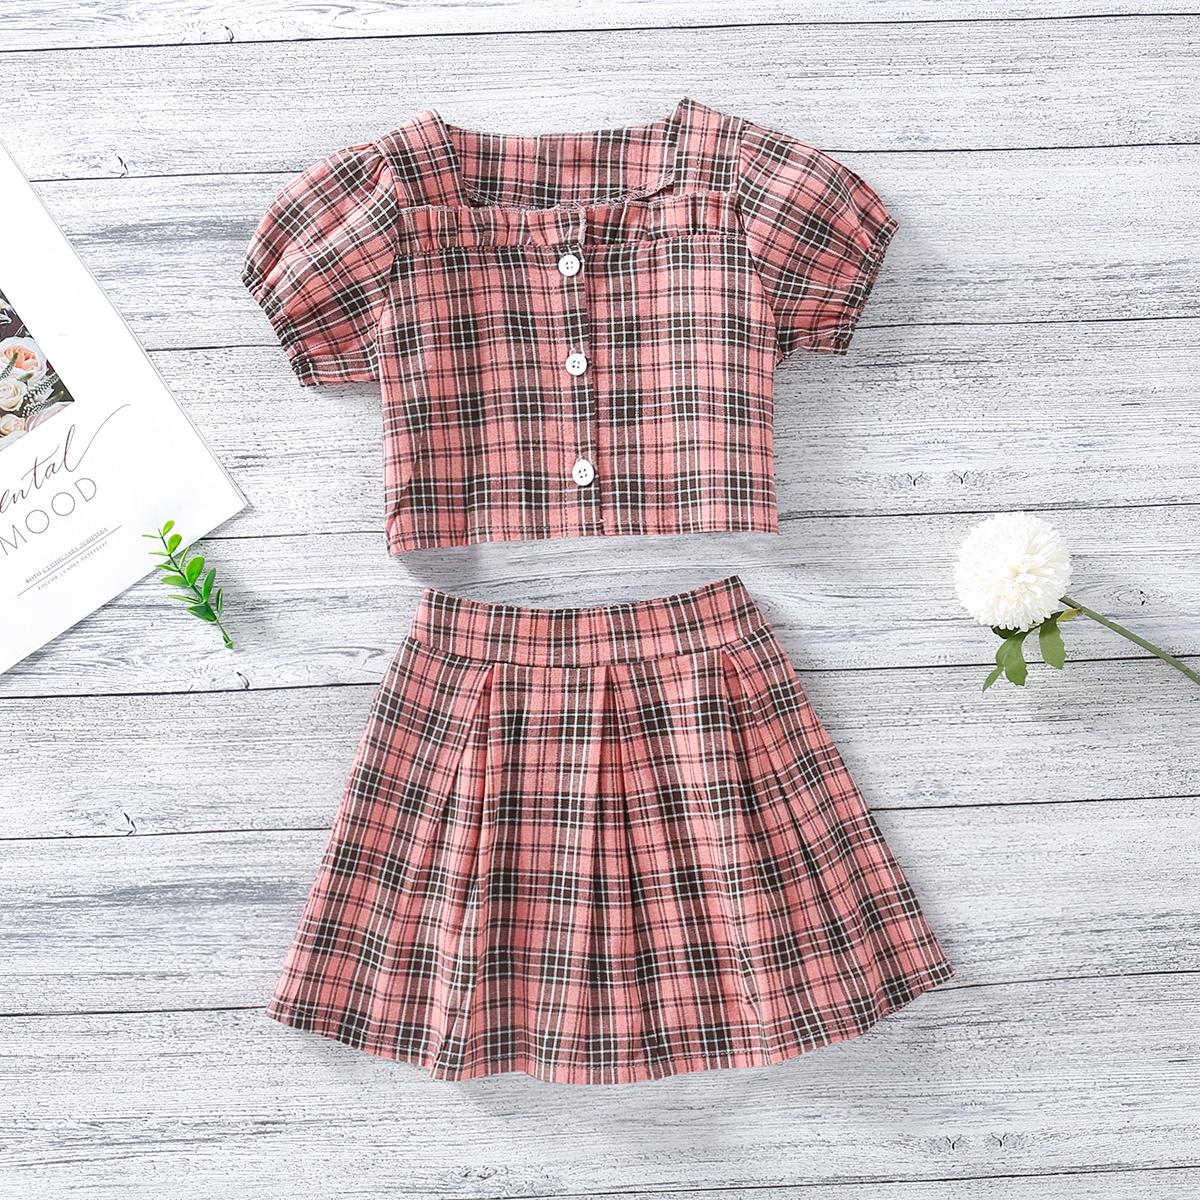 Toddler Girls Tartan Button Up Top & Skirt Set